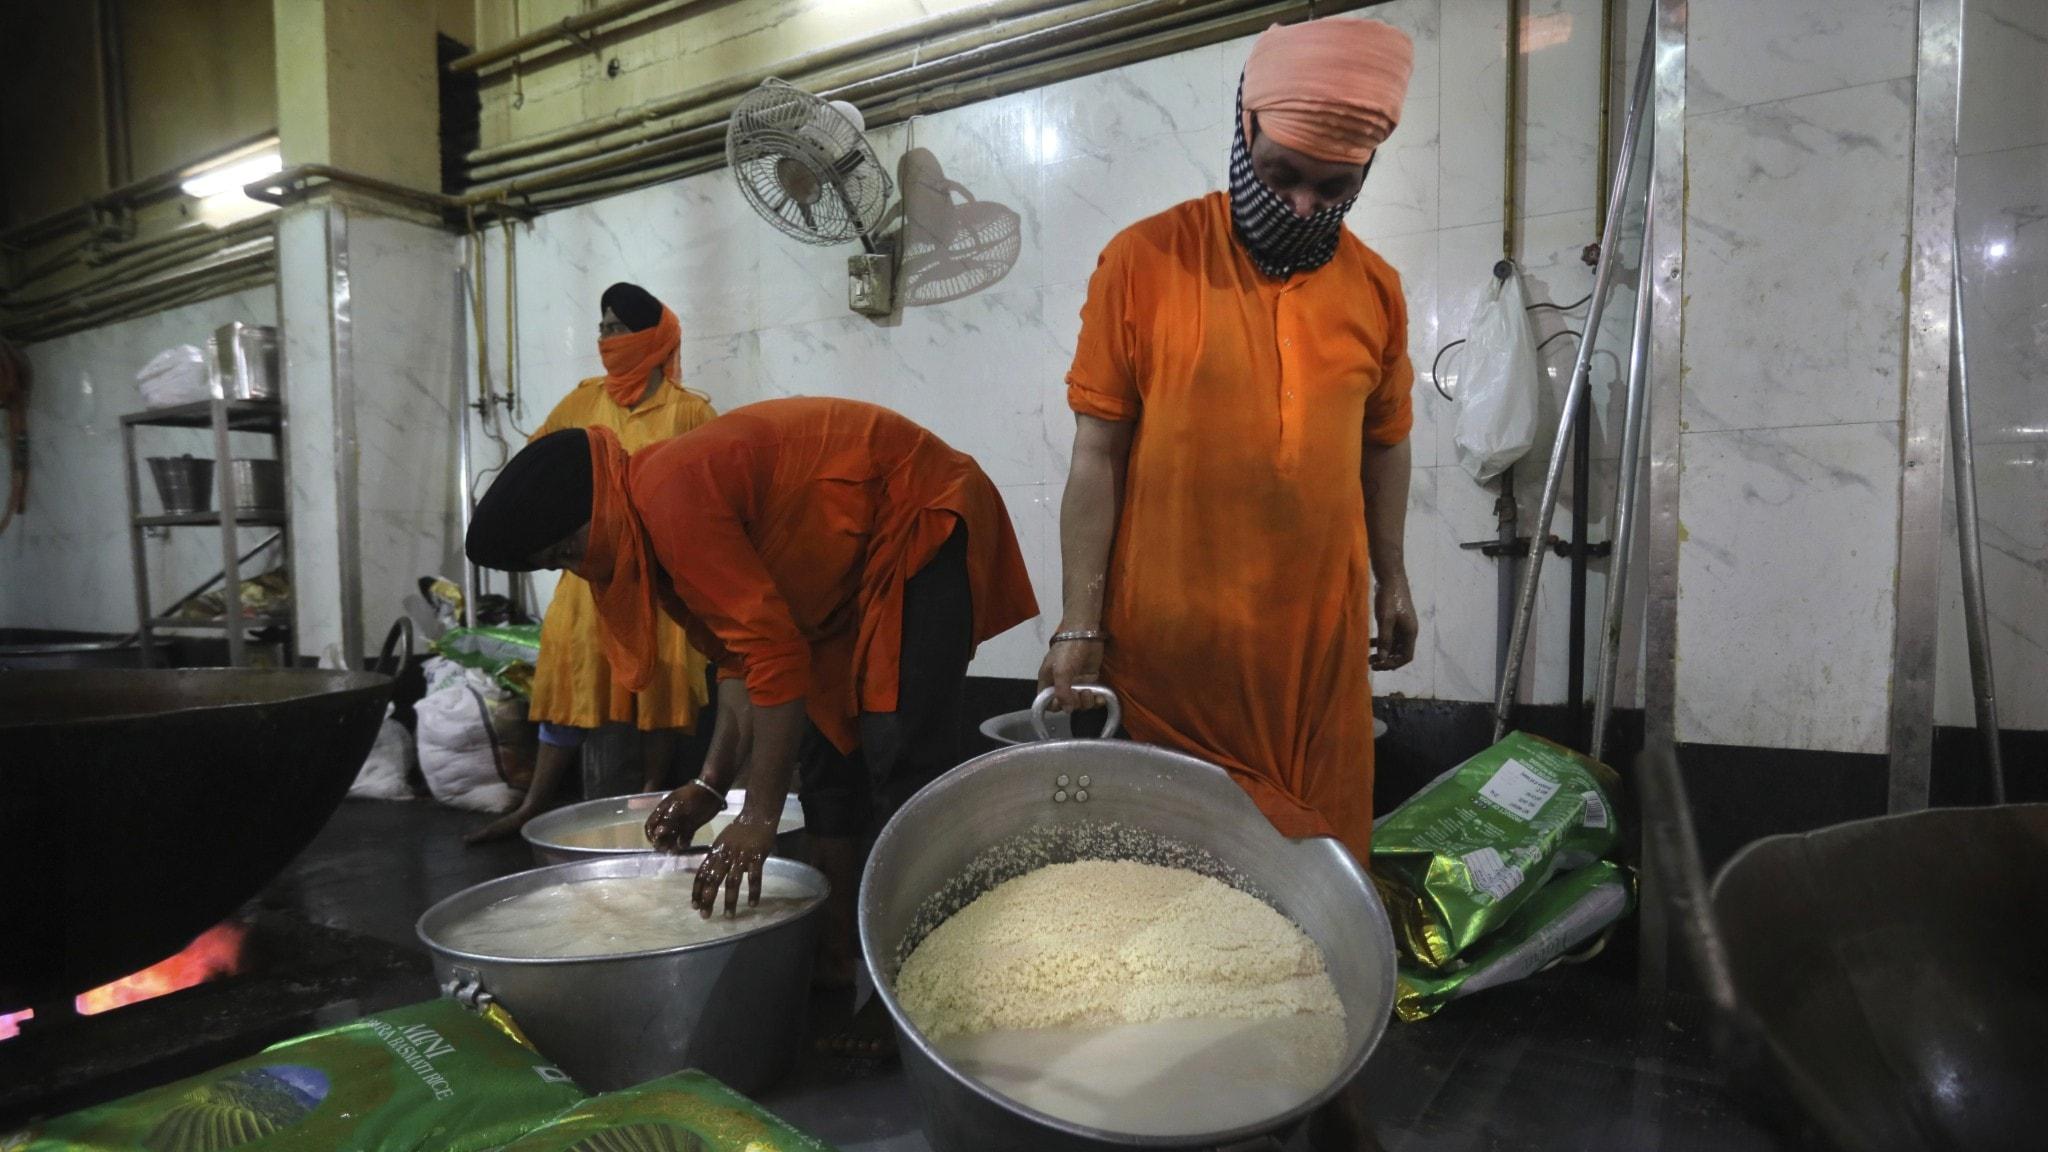 Personal i ett kök kokar ris.